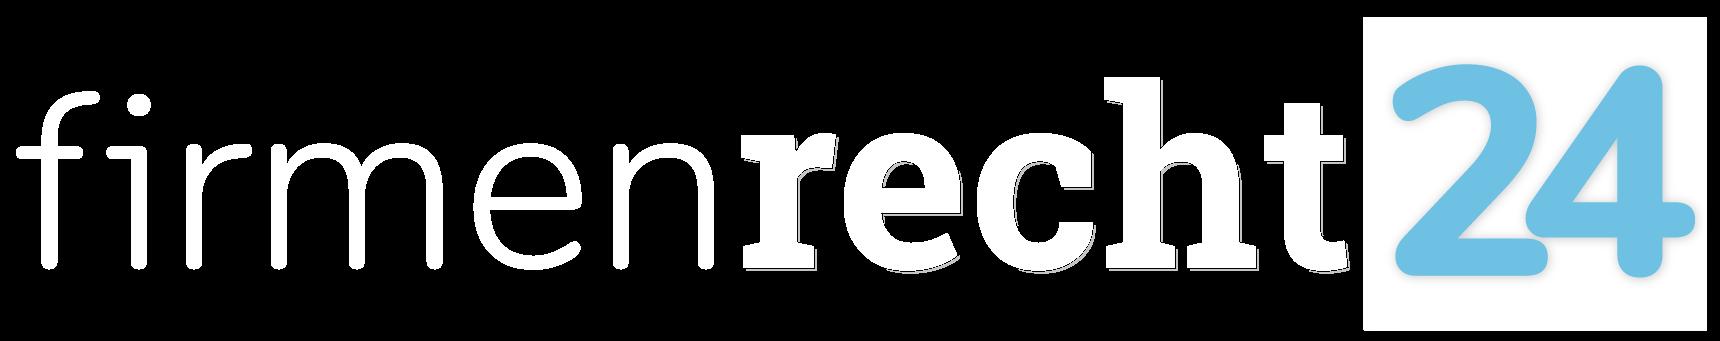 Firmenrecht24 - Logo